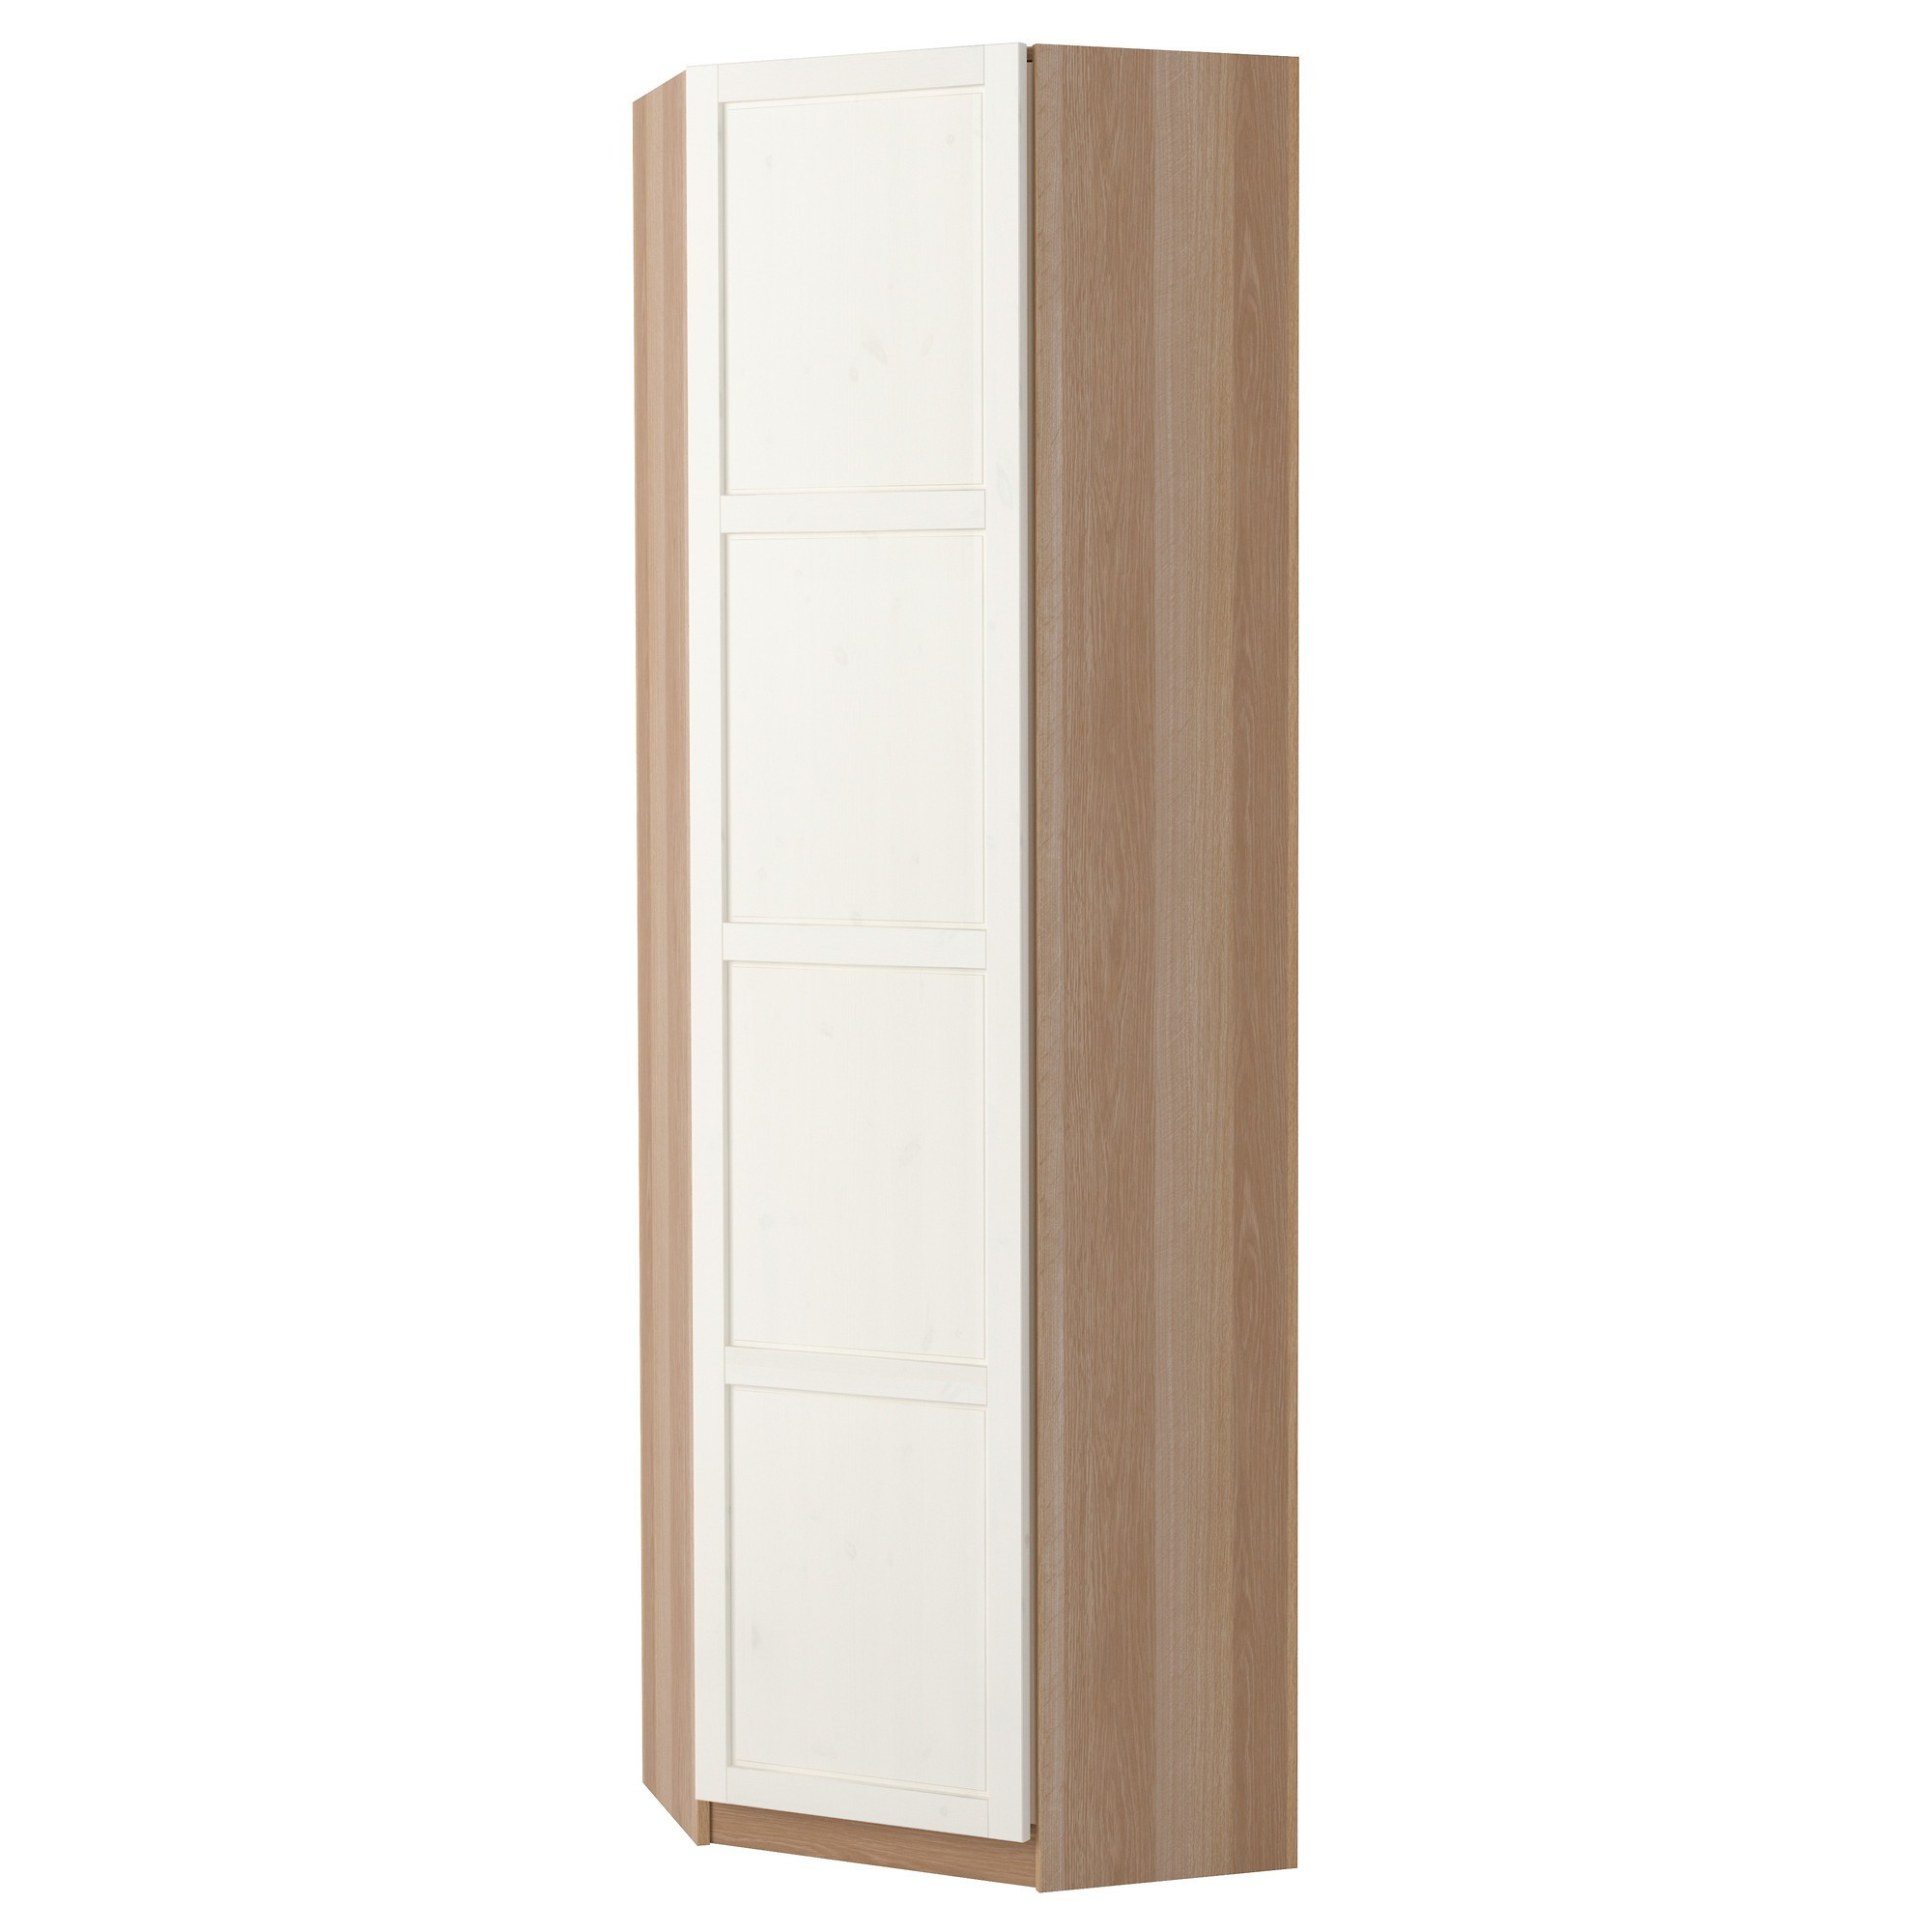 Meuble Pax Gain Boutique Ikea De D'angle WEDH9YI2